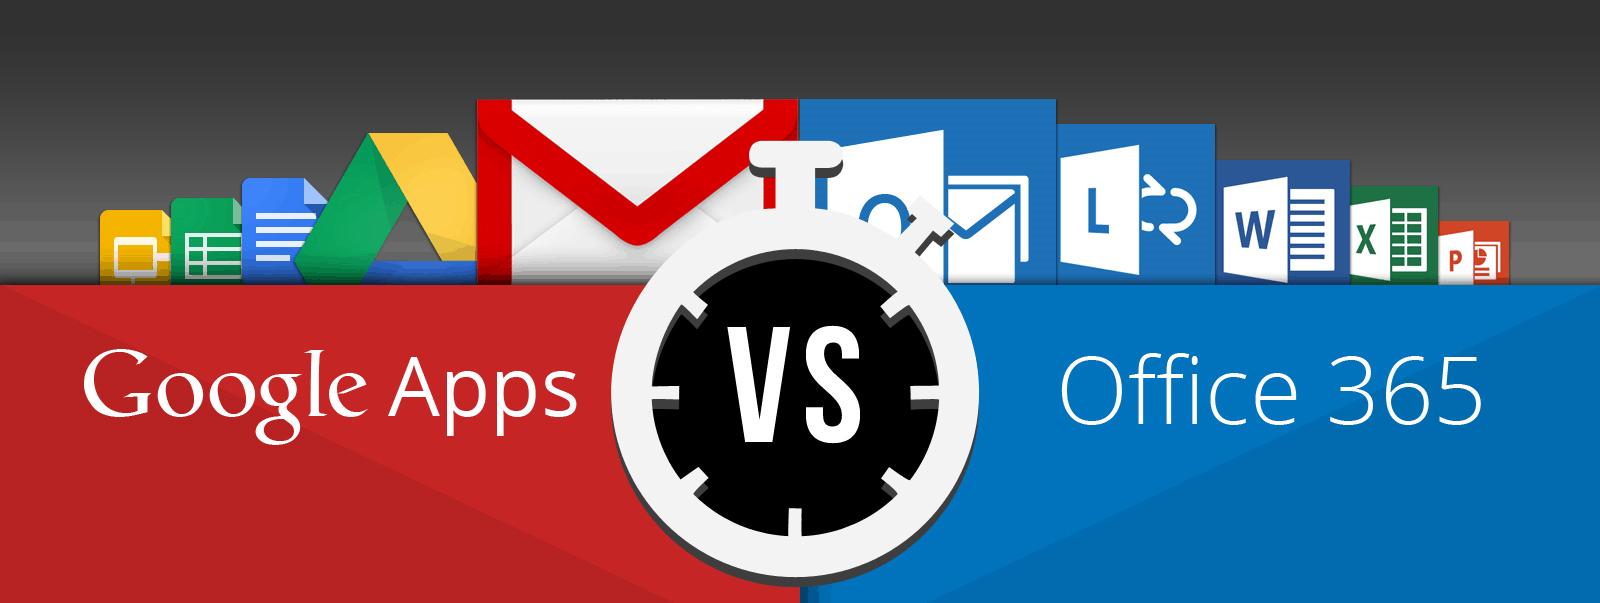 Office 365 vs. Google Apps